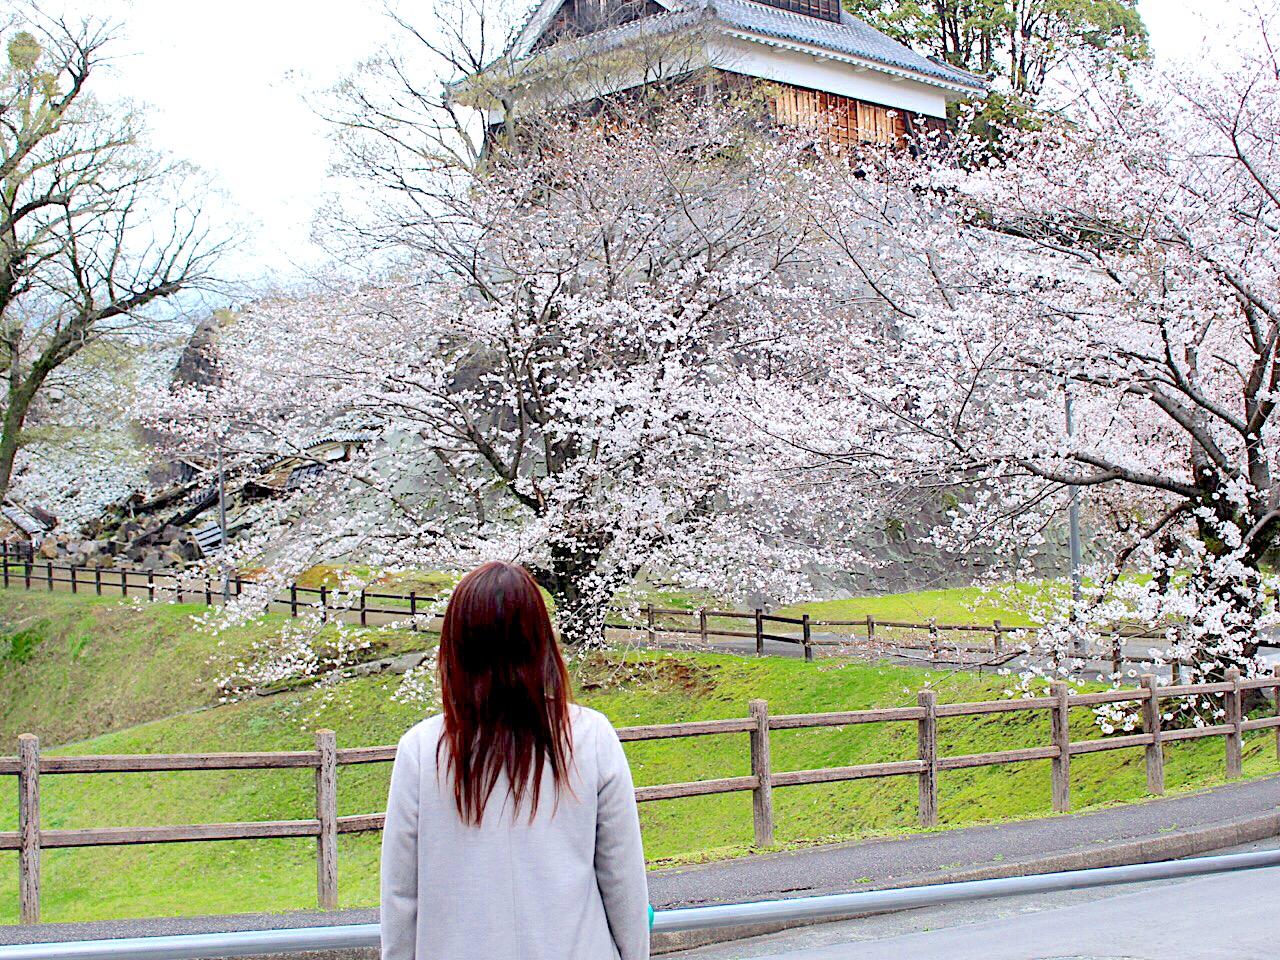 【熊本城 二の丸広場】さくらと、現在の熊本城を見に行こう。